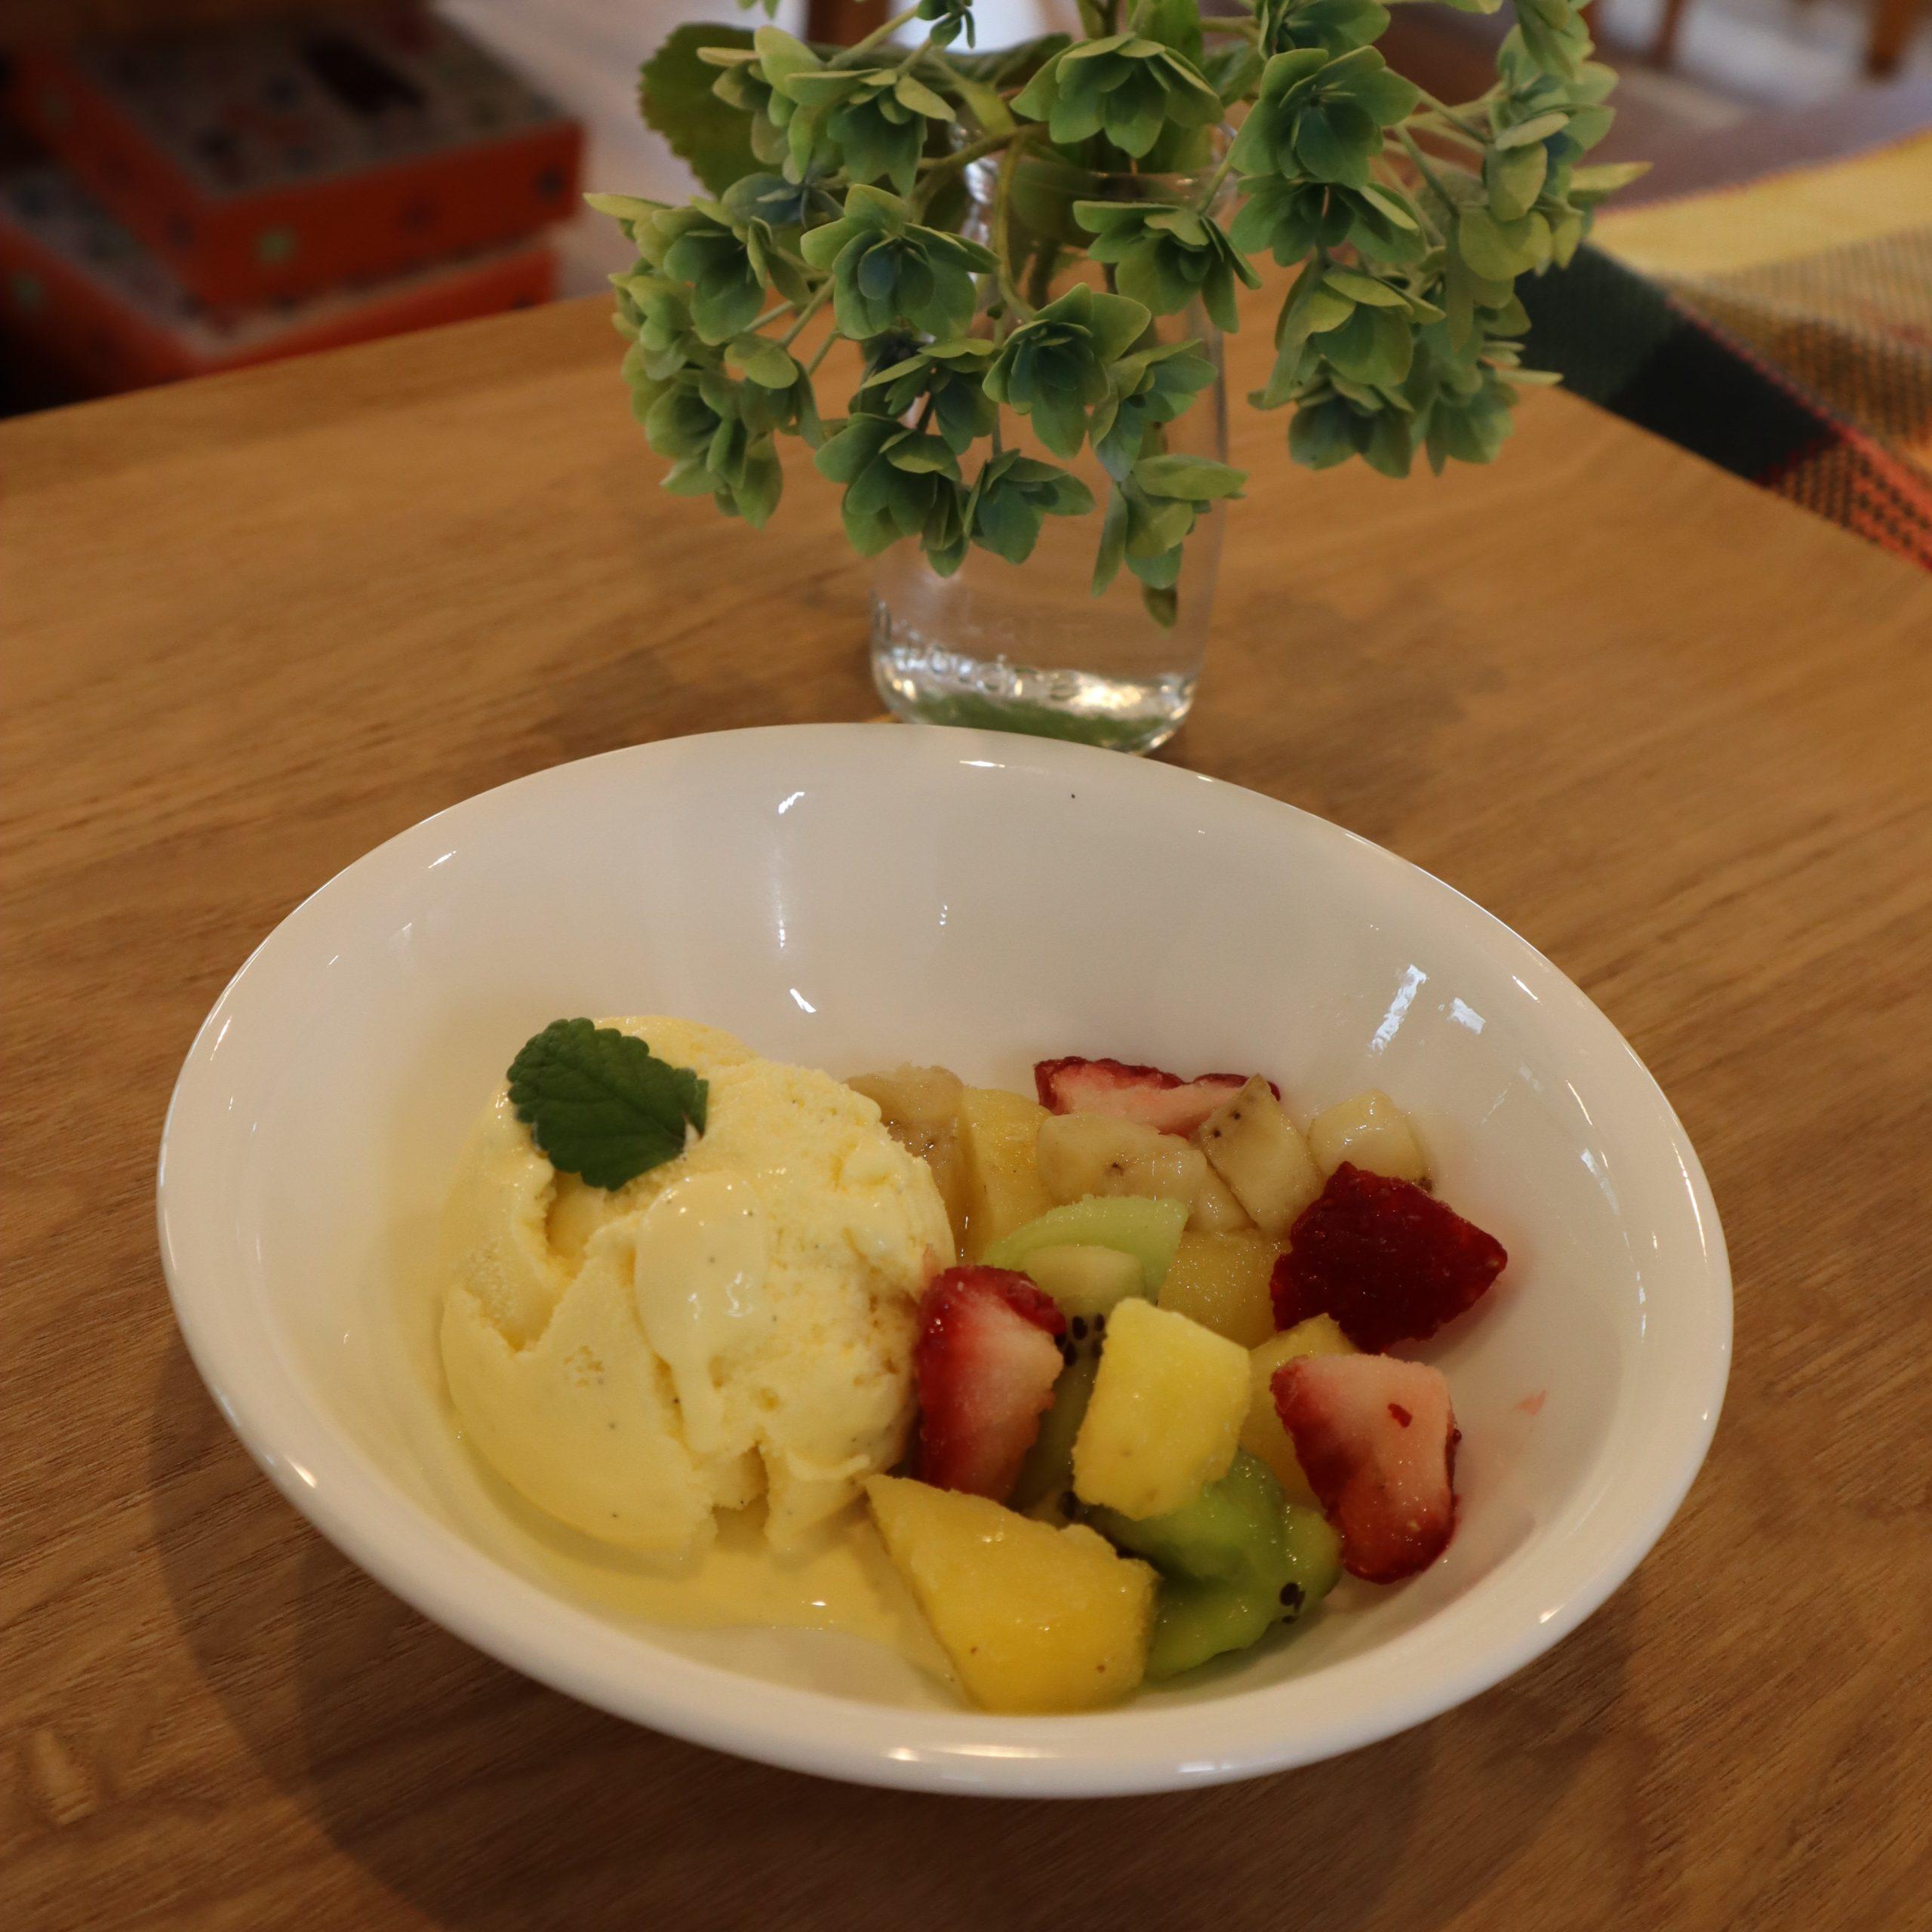 バニラアイスに、生のフローズンフルーツをゴロゴロ添えています。トロピカルで甘酸っぱい!